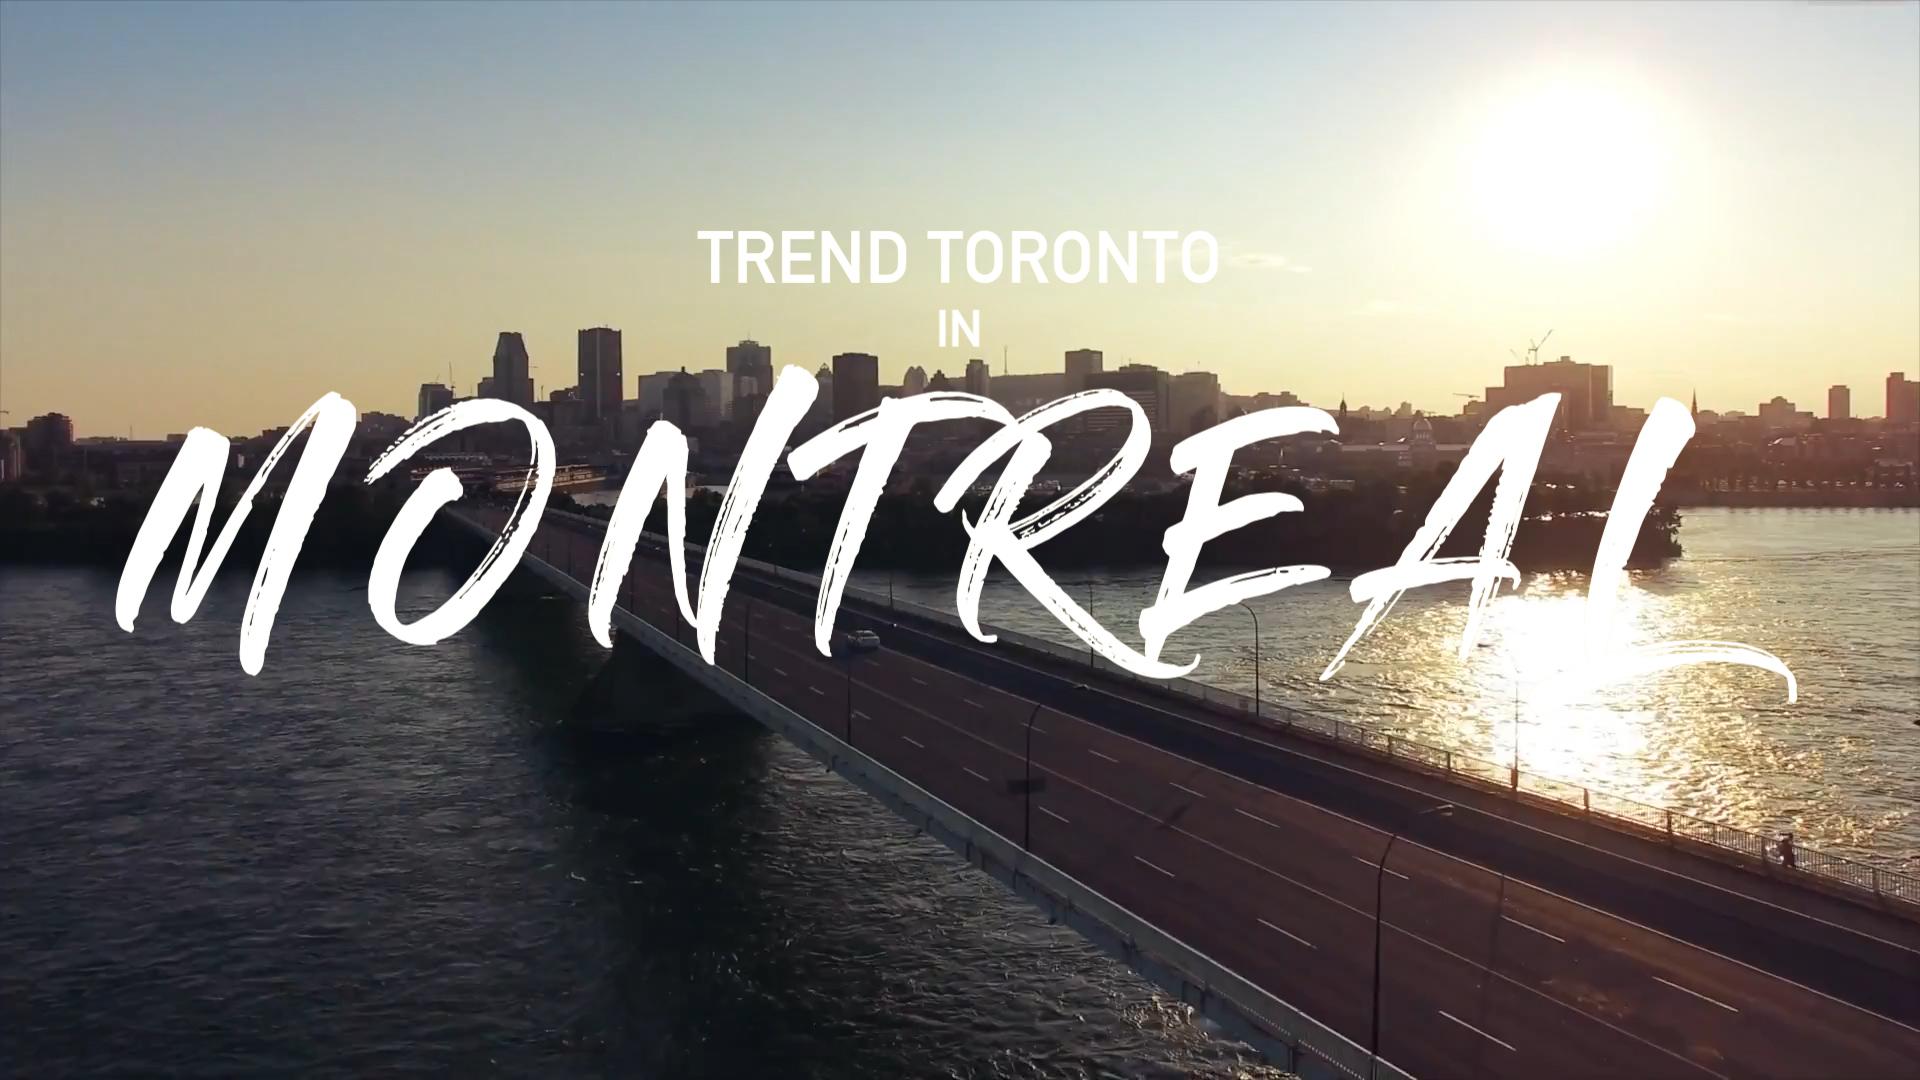 Trend Toronto in MTL